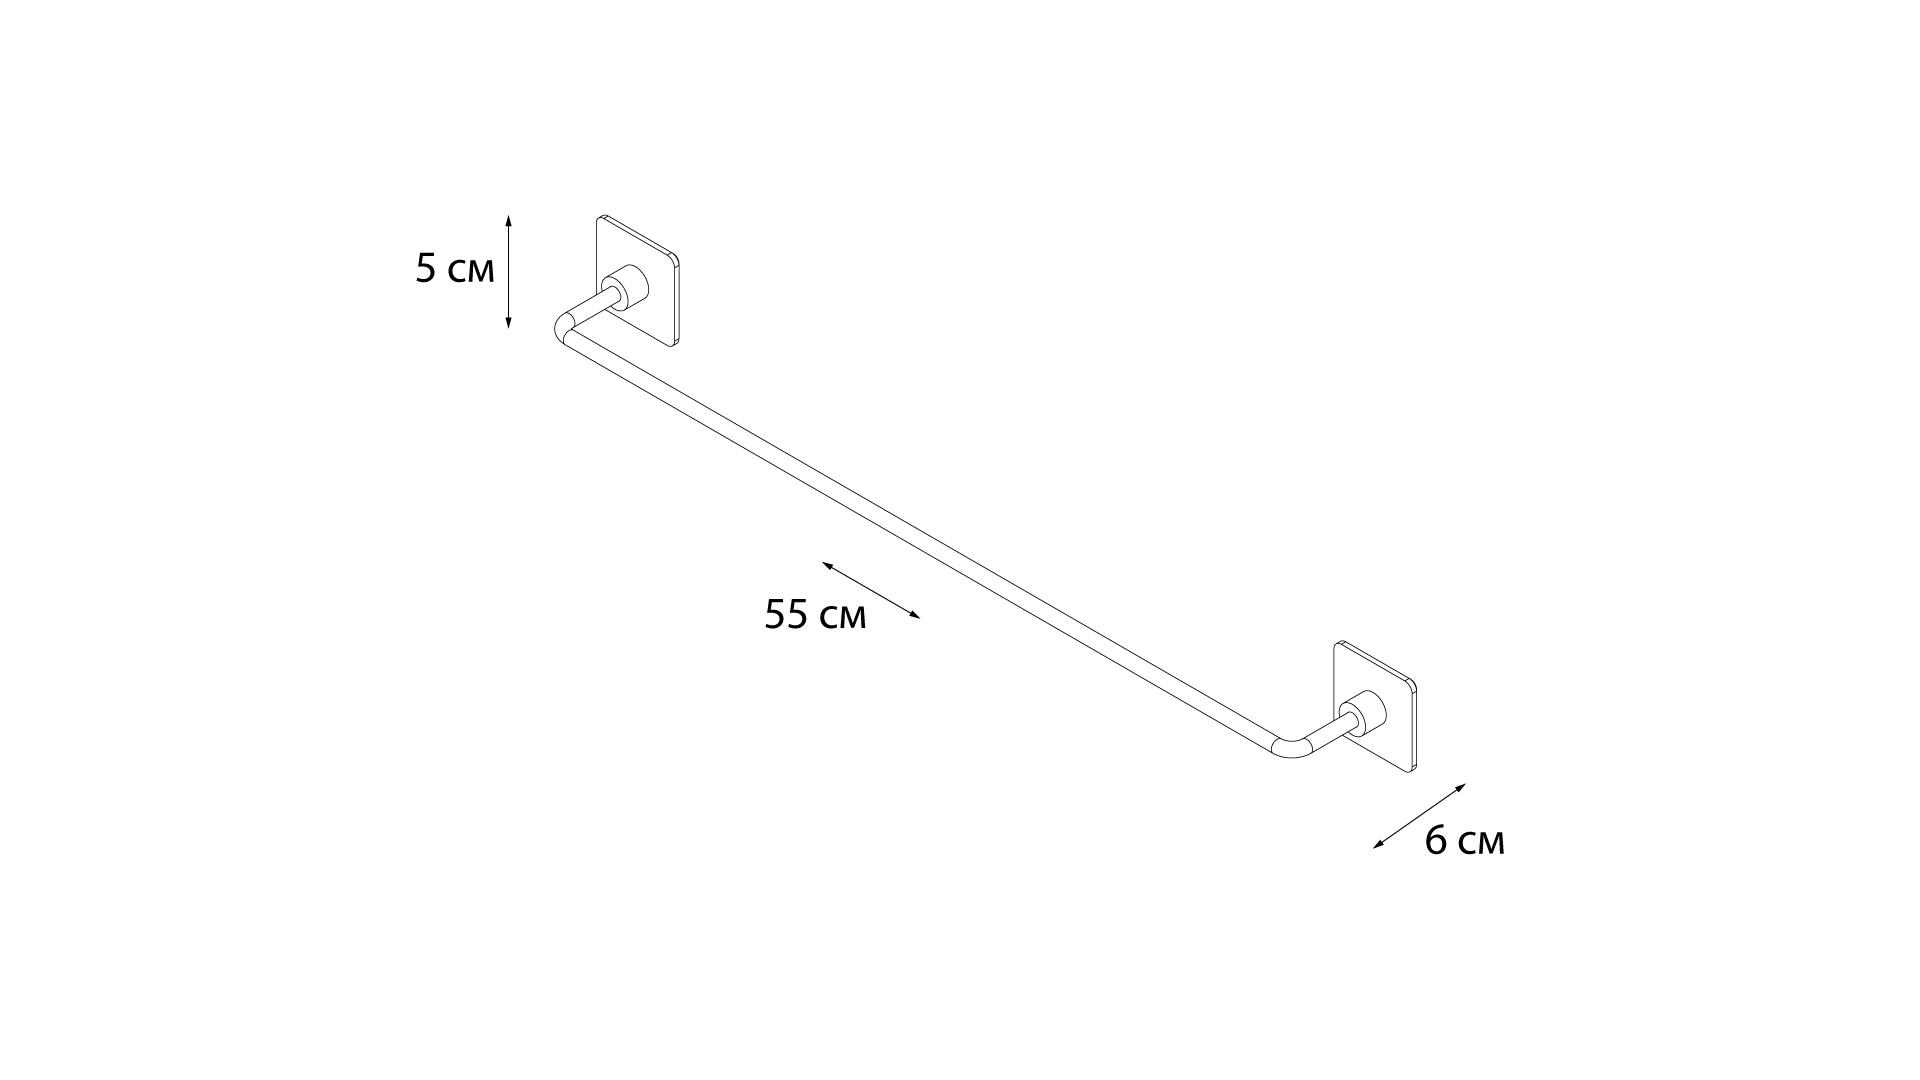 Полотенцедержатель трубчатый 55 см